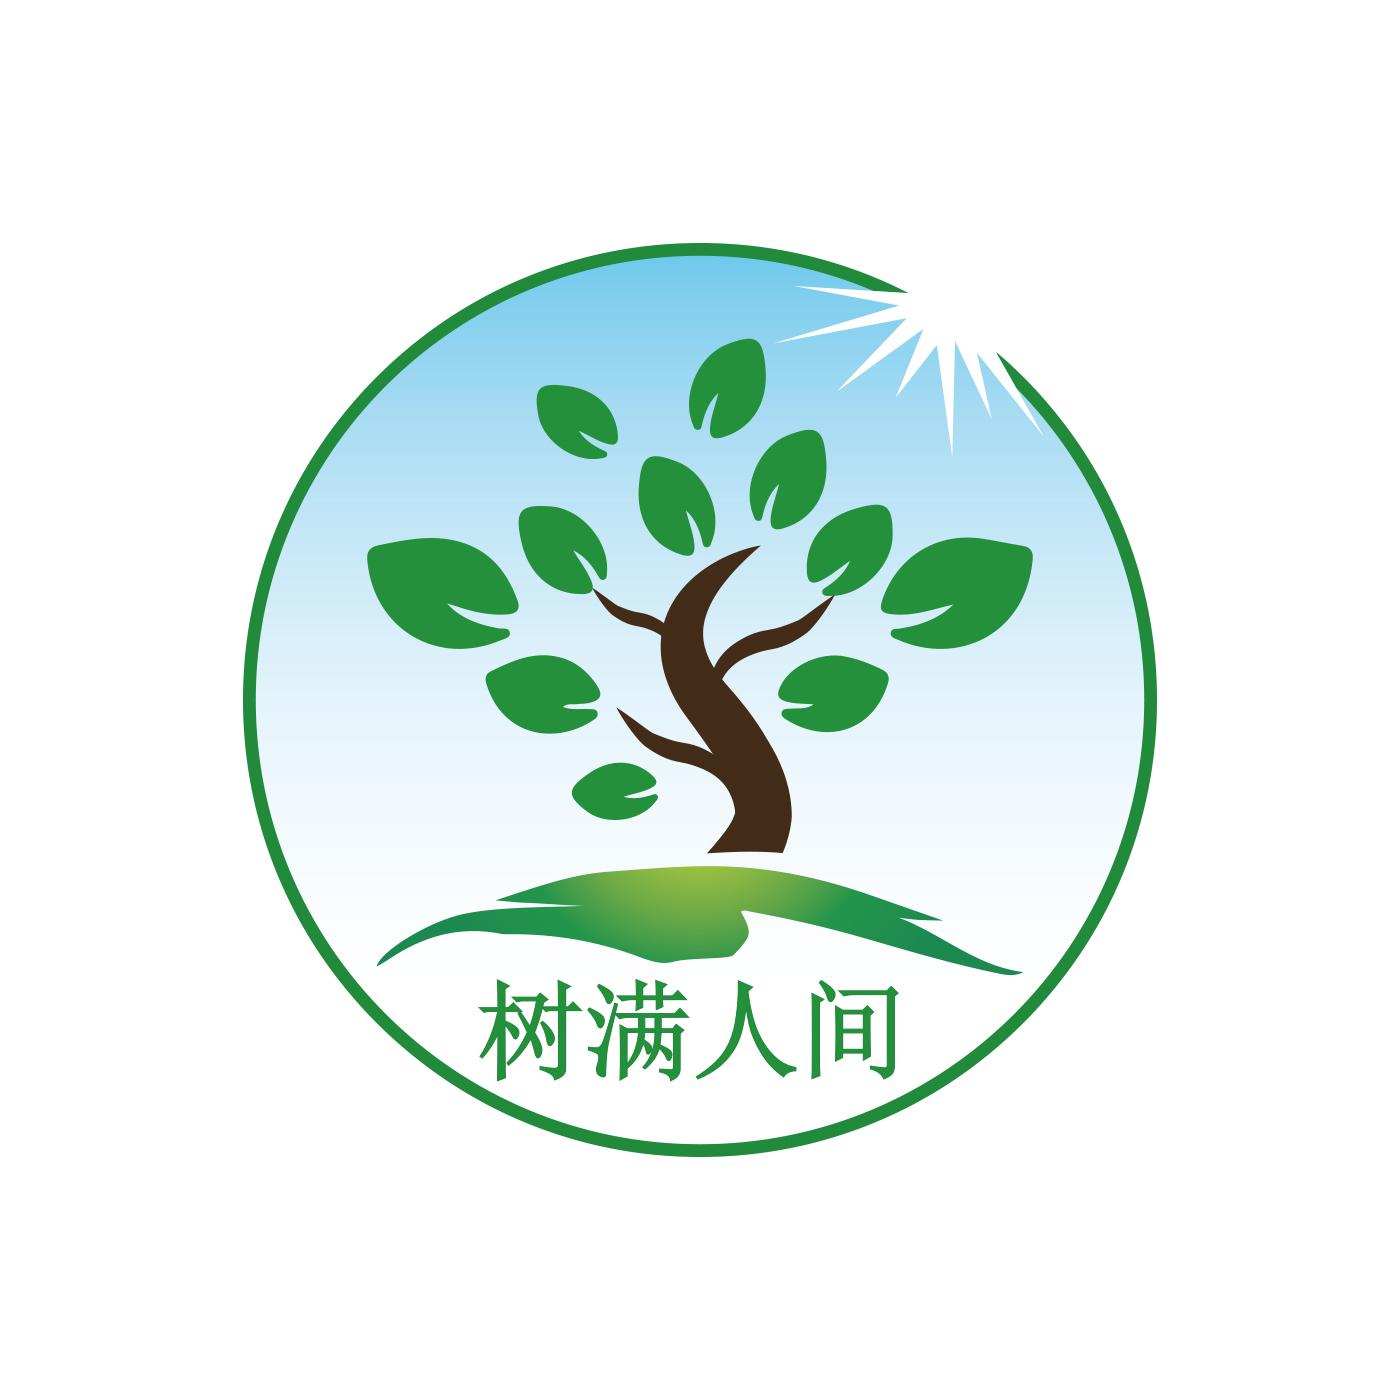 苗木求购群_临沂网上批发城